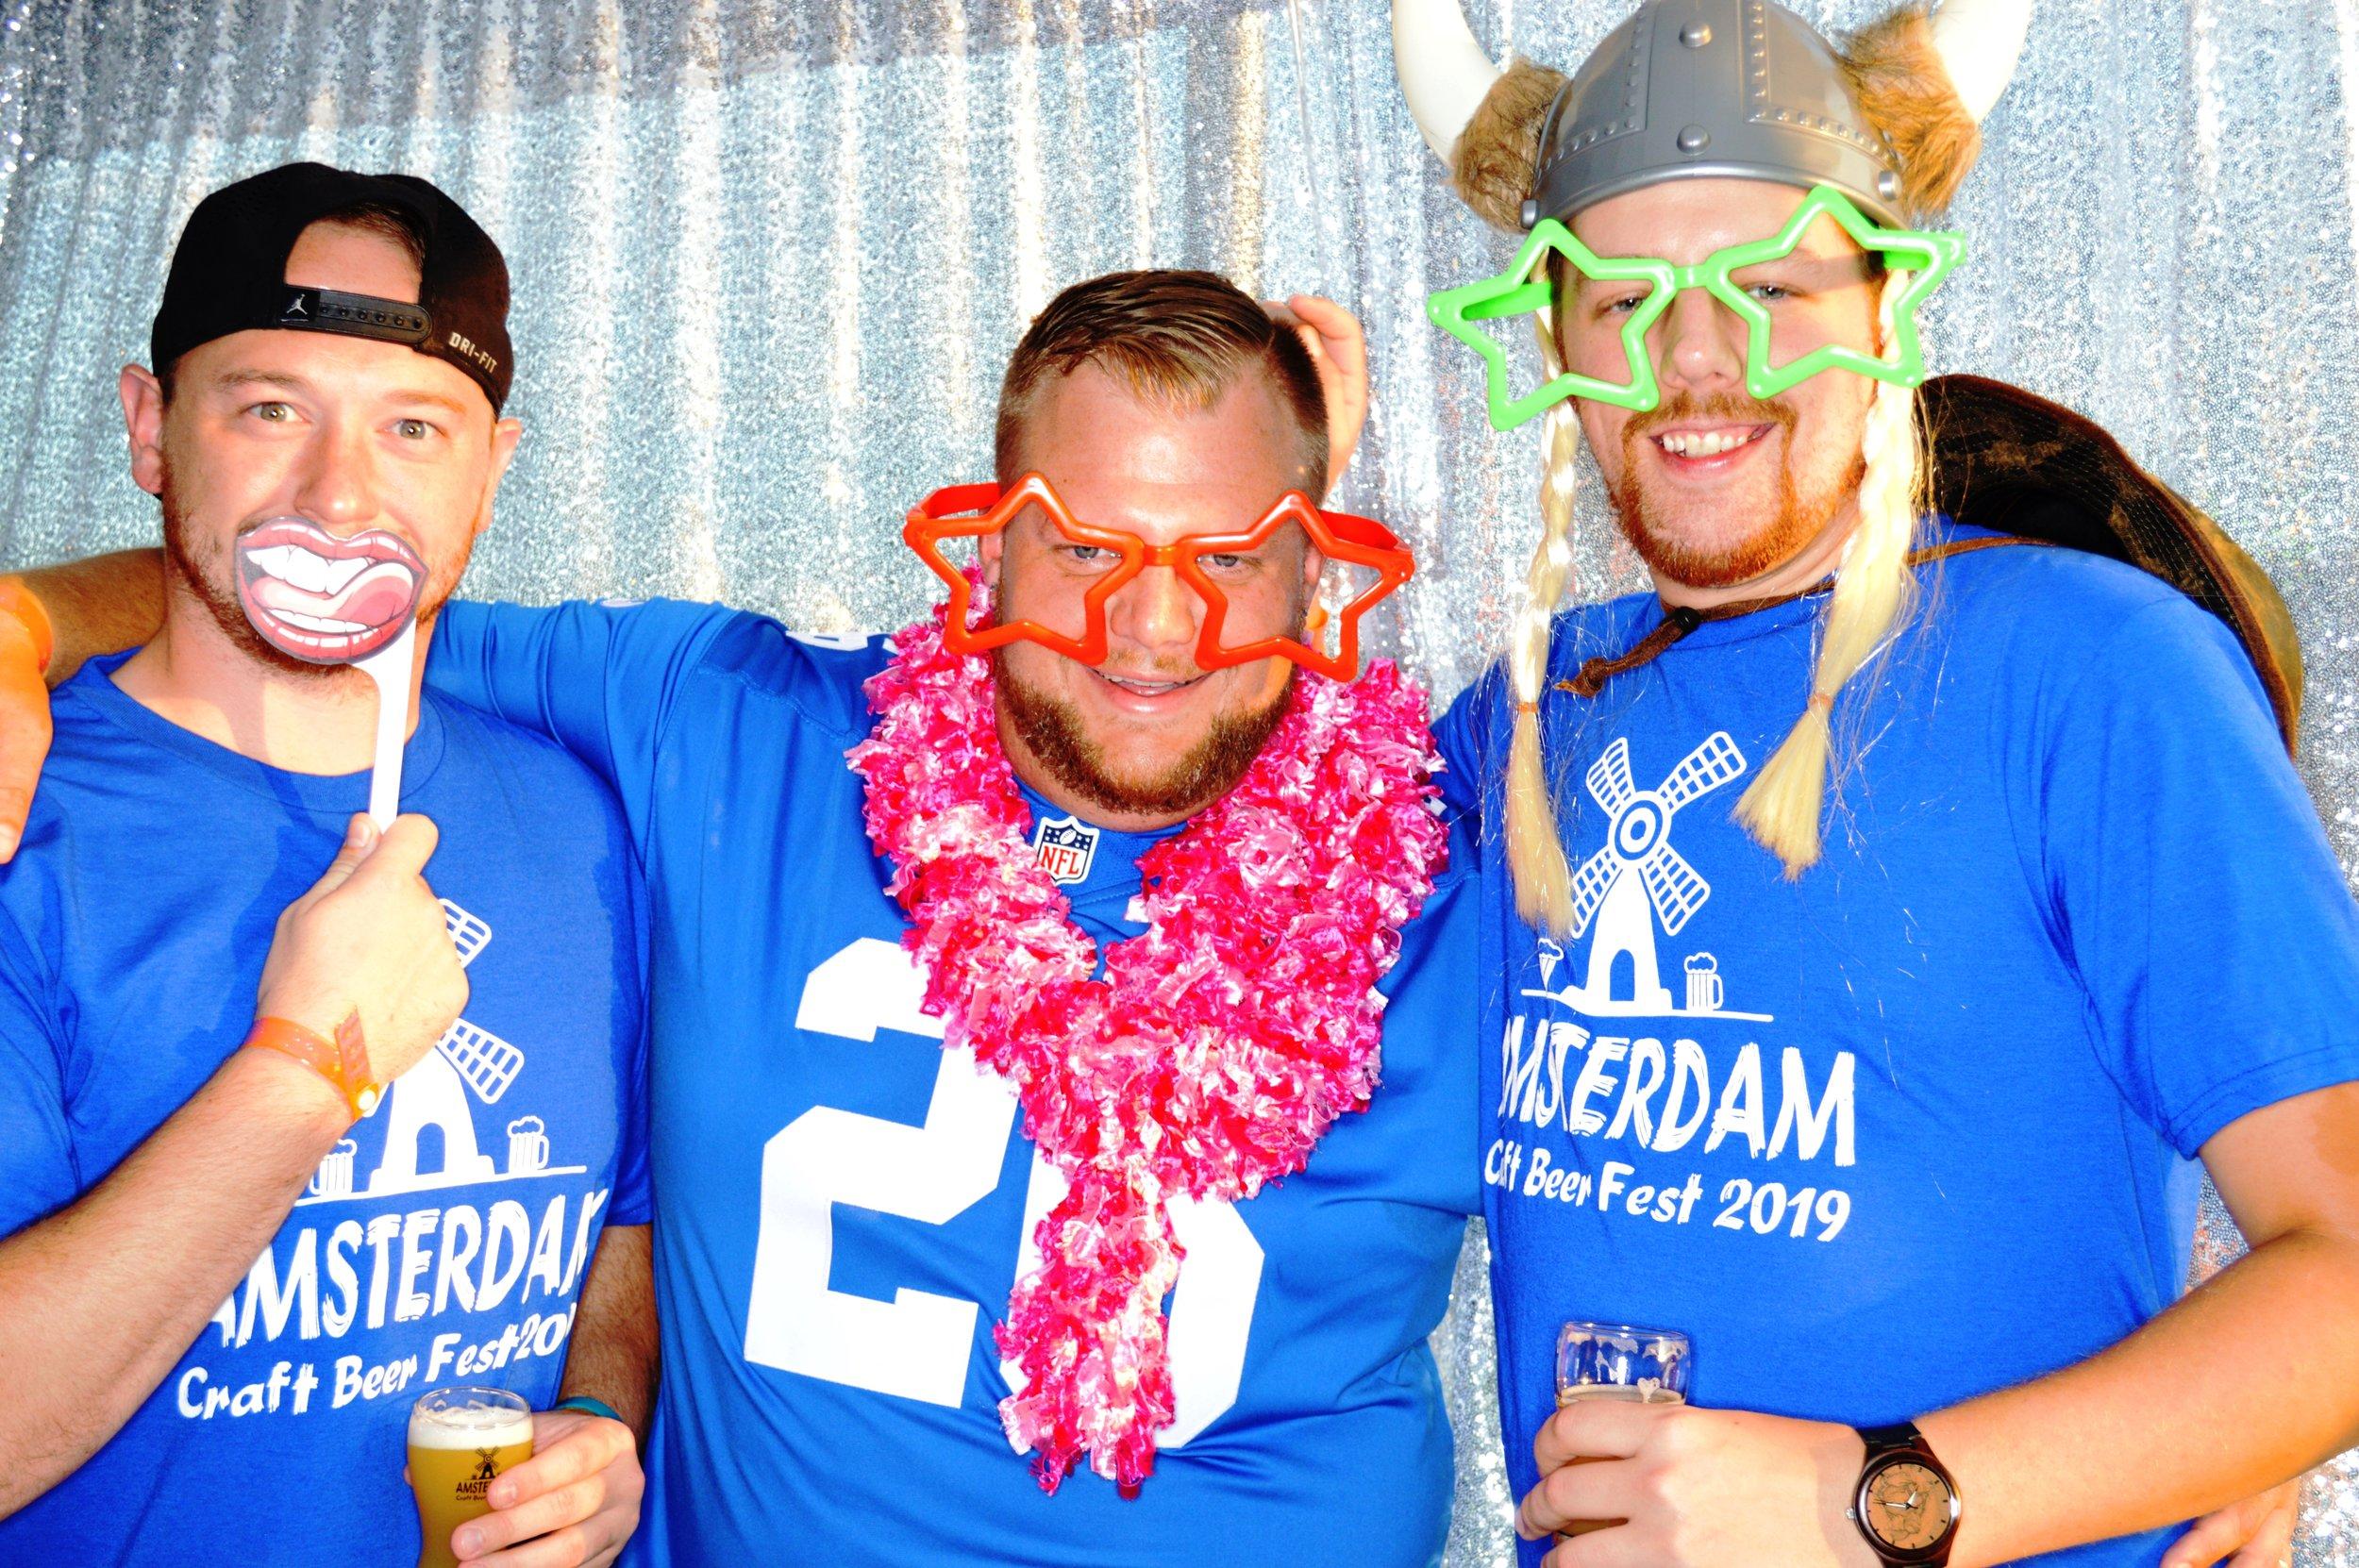 Craft Beer Fest 2019